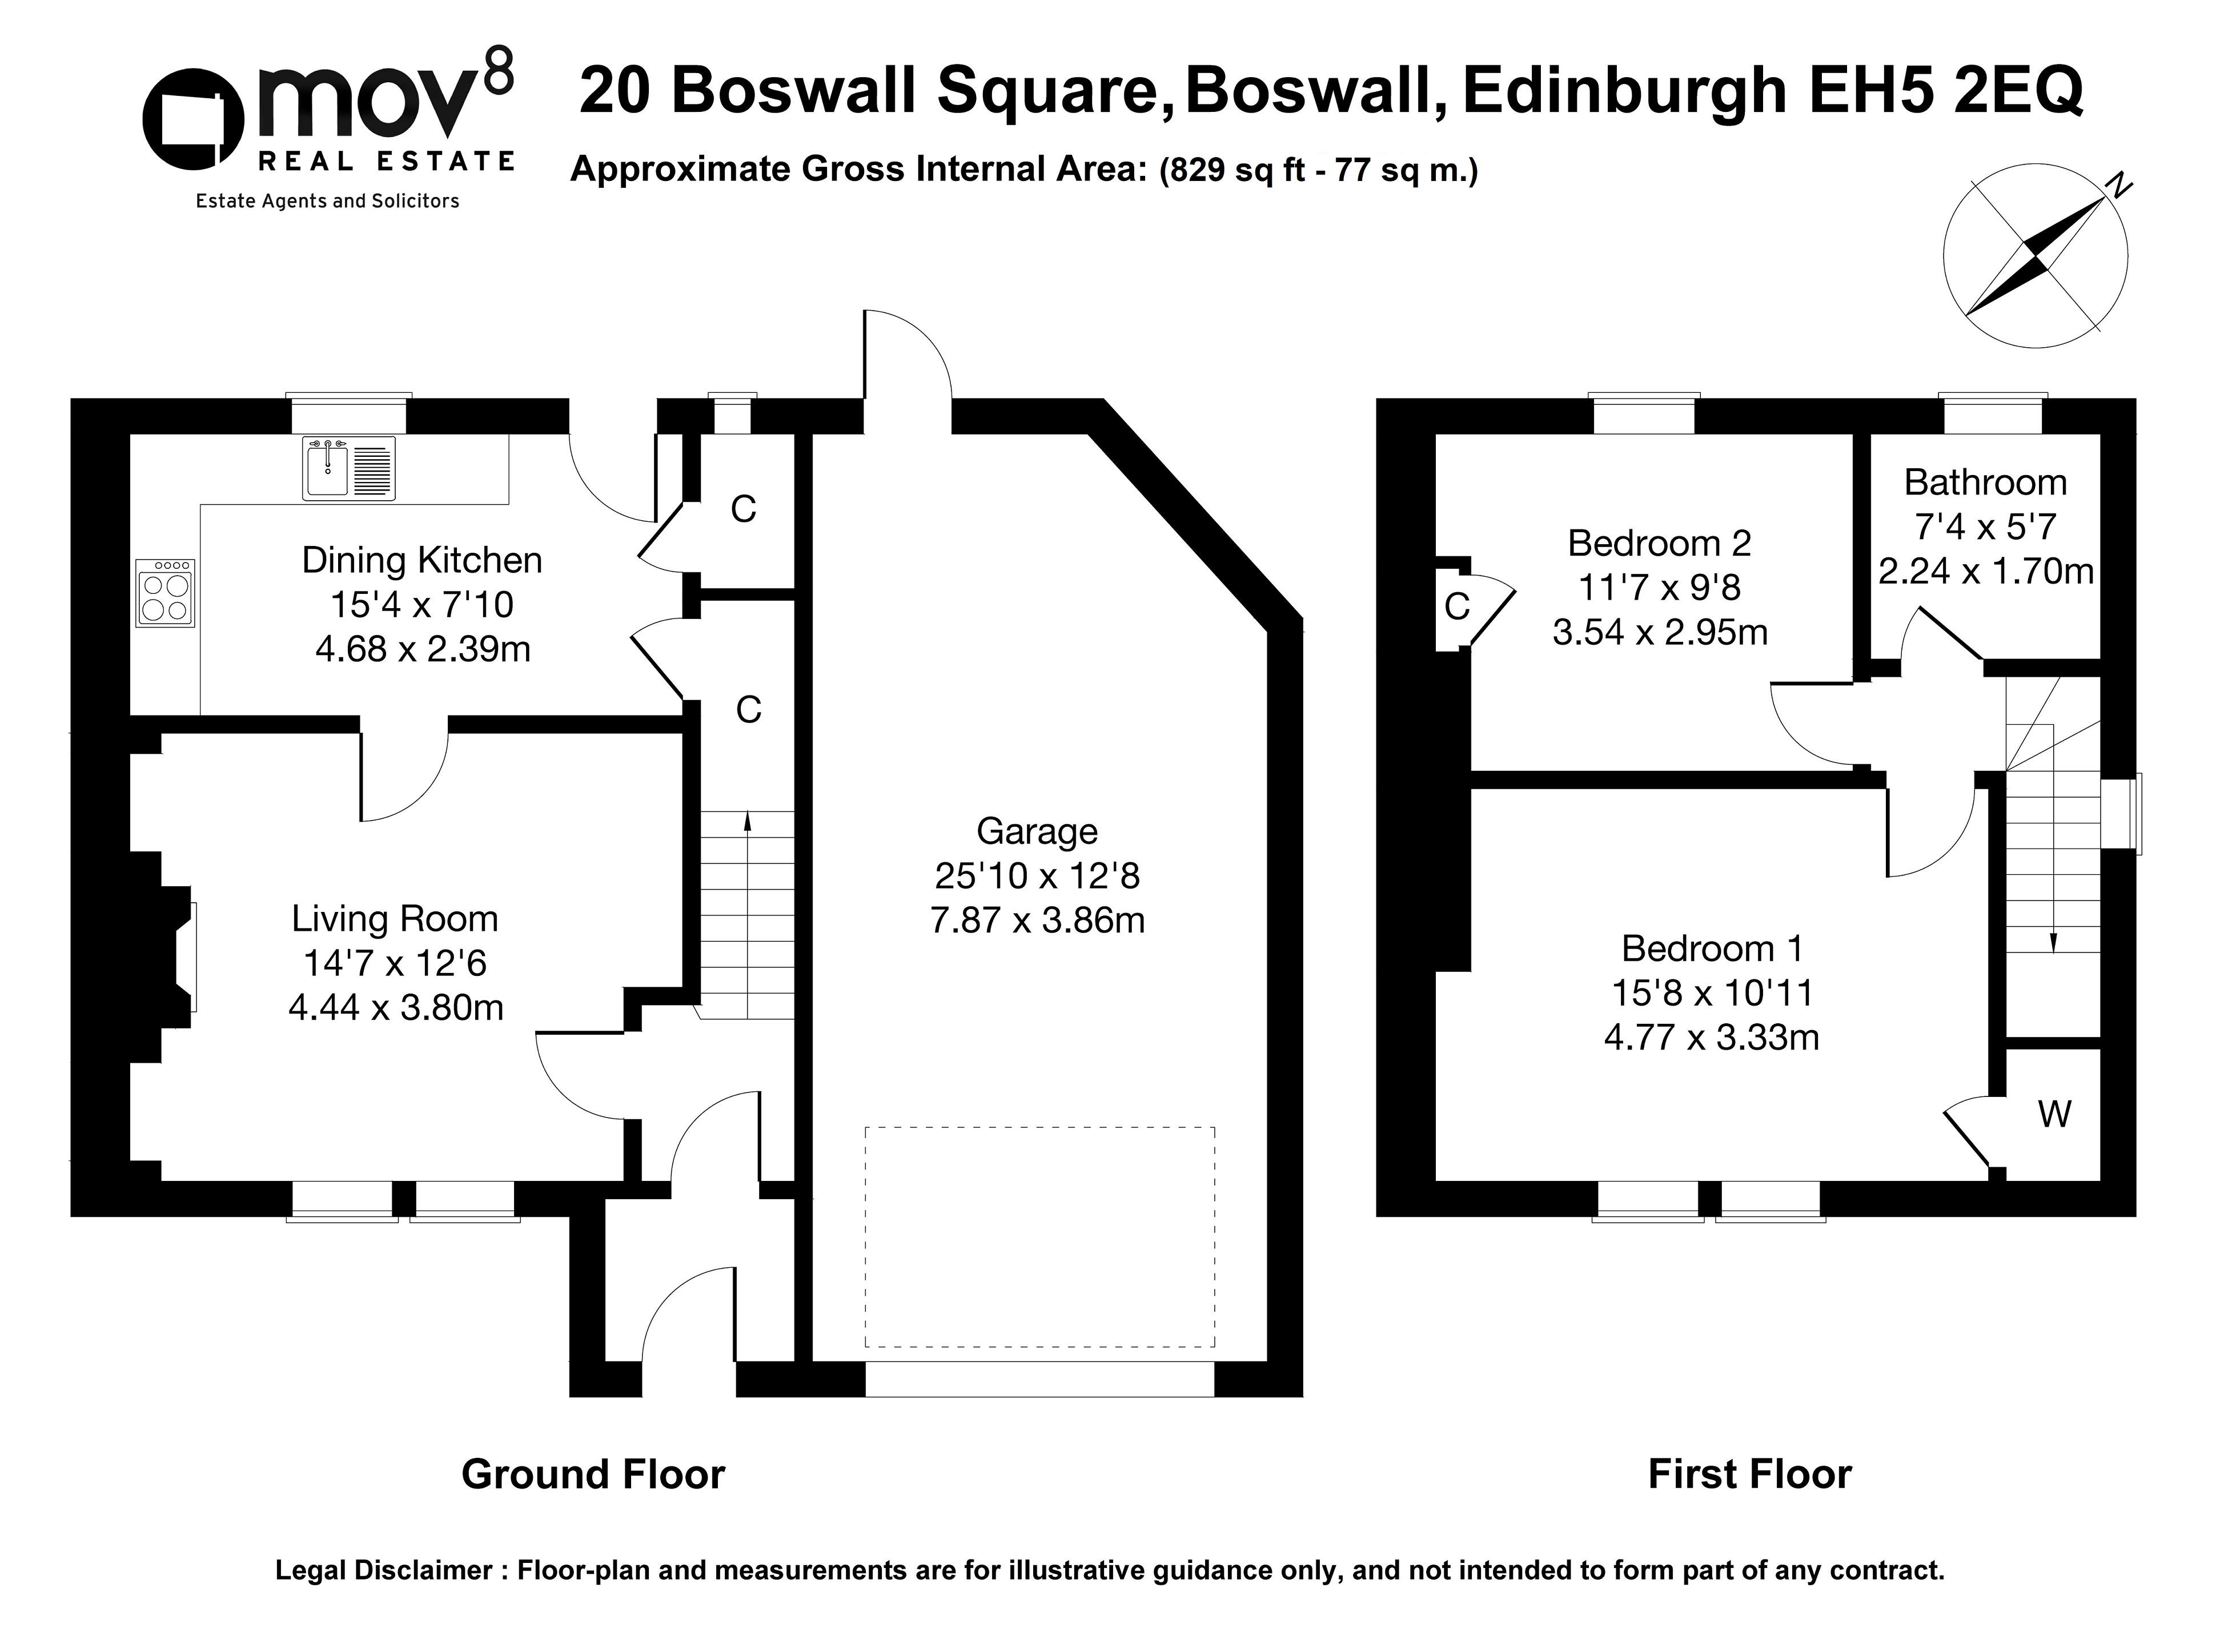 Floorplan 1 of 20 Boswall Square, Boswall, Edinburgh, EH5 2EQ